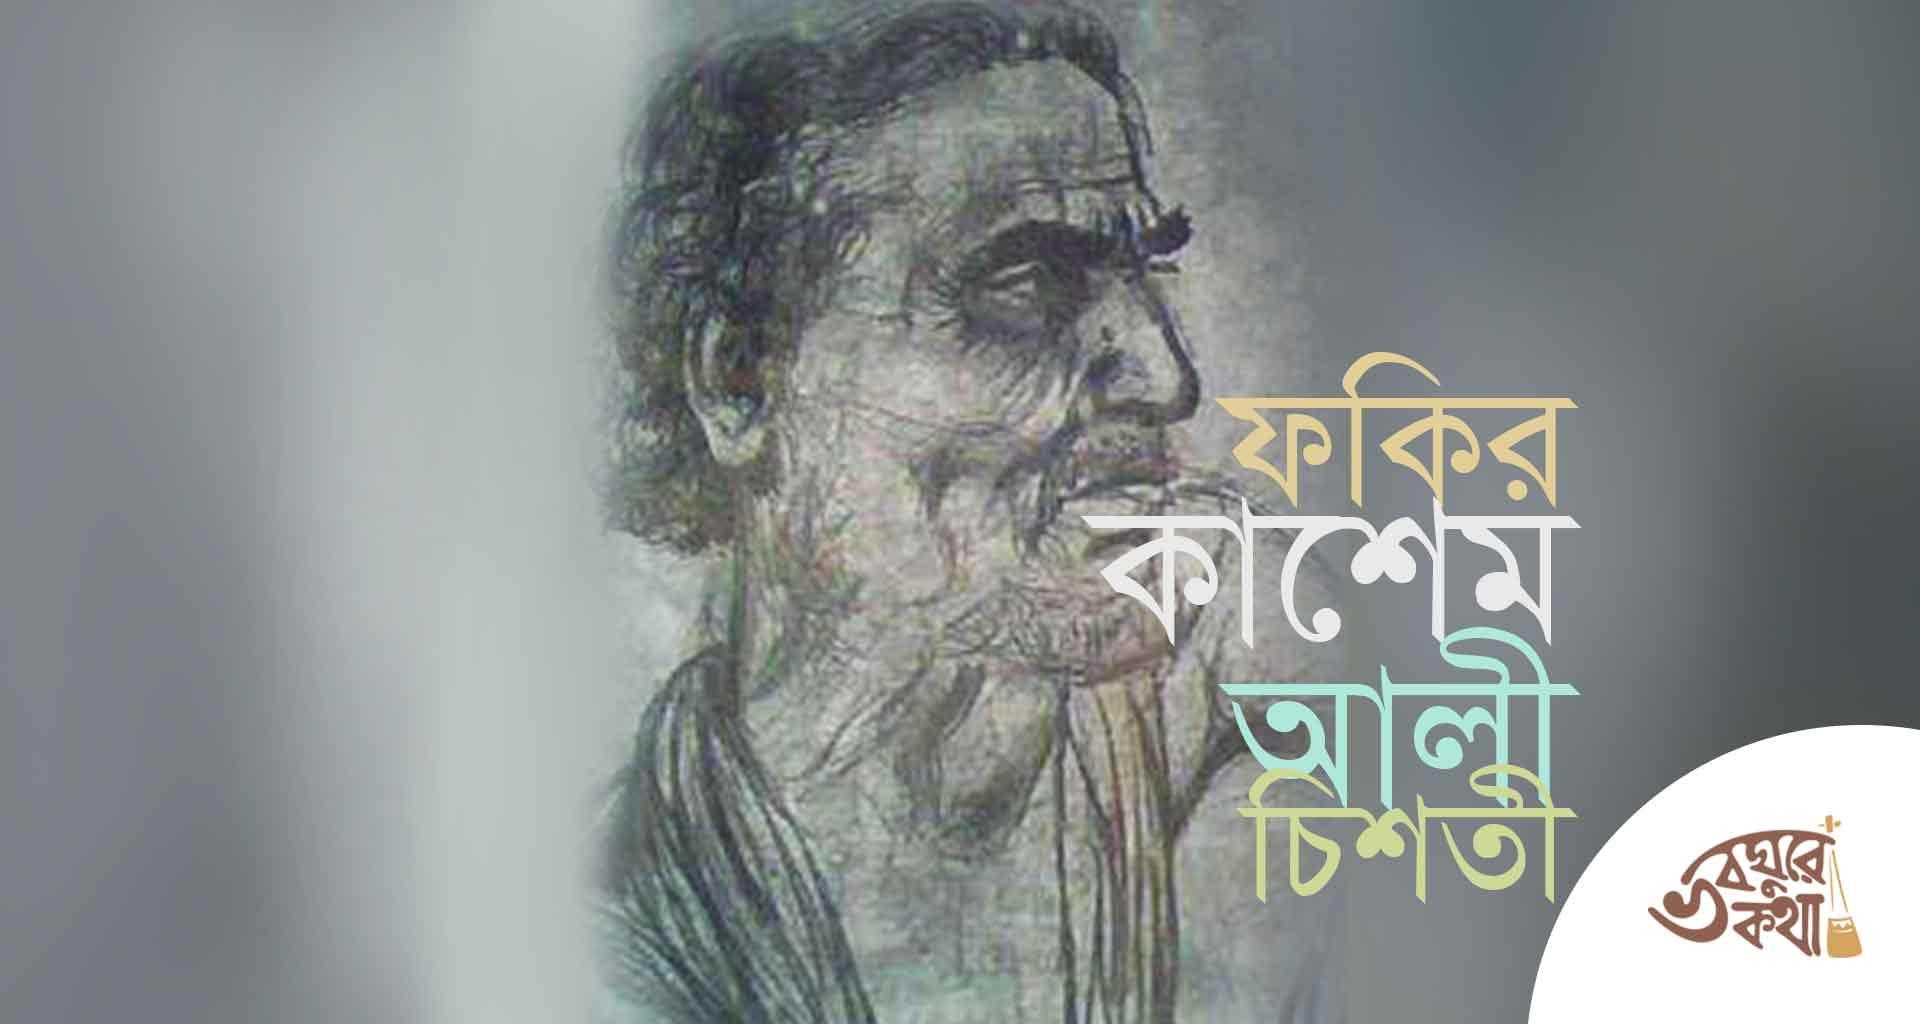 হযরত ফকির কাশেম আলী চিশতী কাদ্দসাল্লাহ সের্রুহু